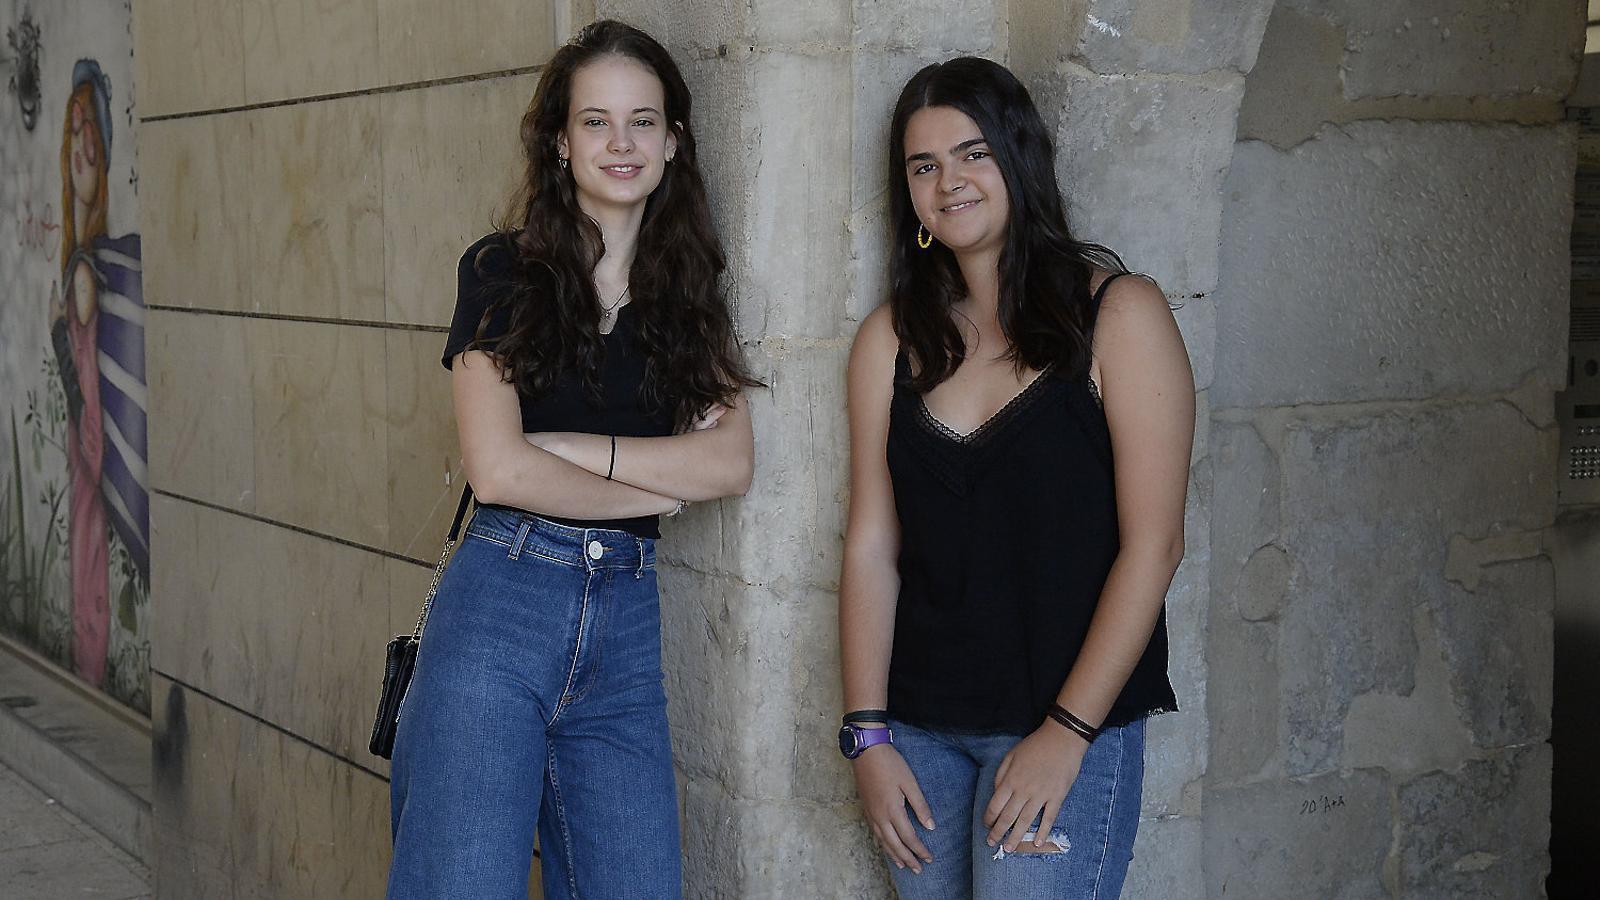 La Clara Vidal -esquerra-, la Blau Manau i el Benet Fité, de l'institut Samuel Gili i Gaya, han tret un 9,7 a les PAU.